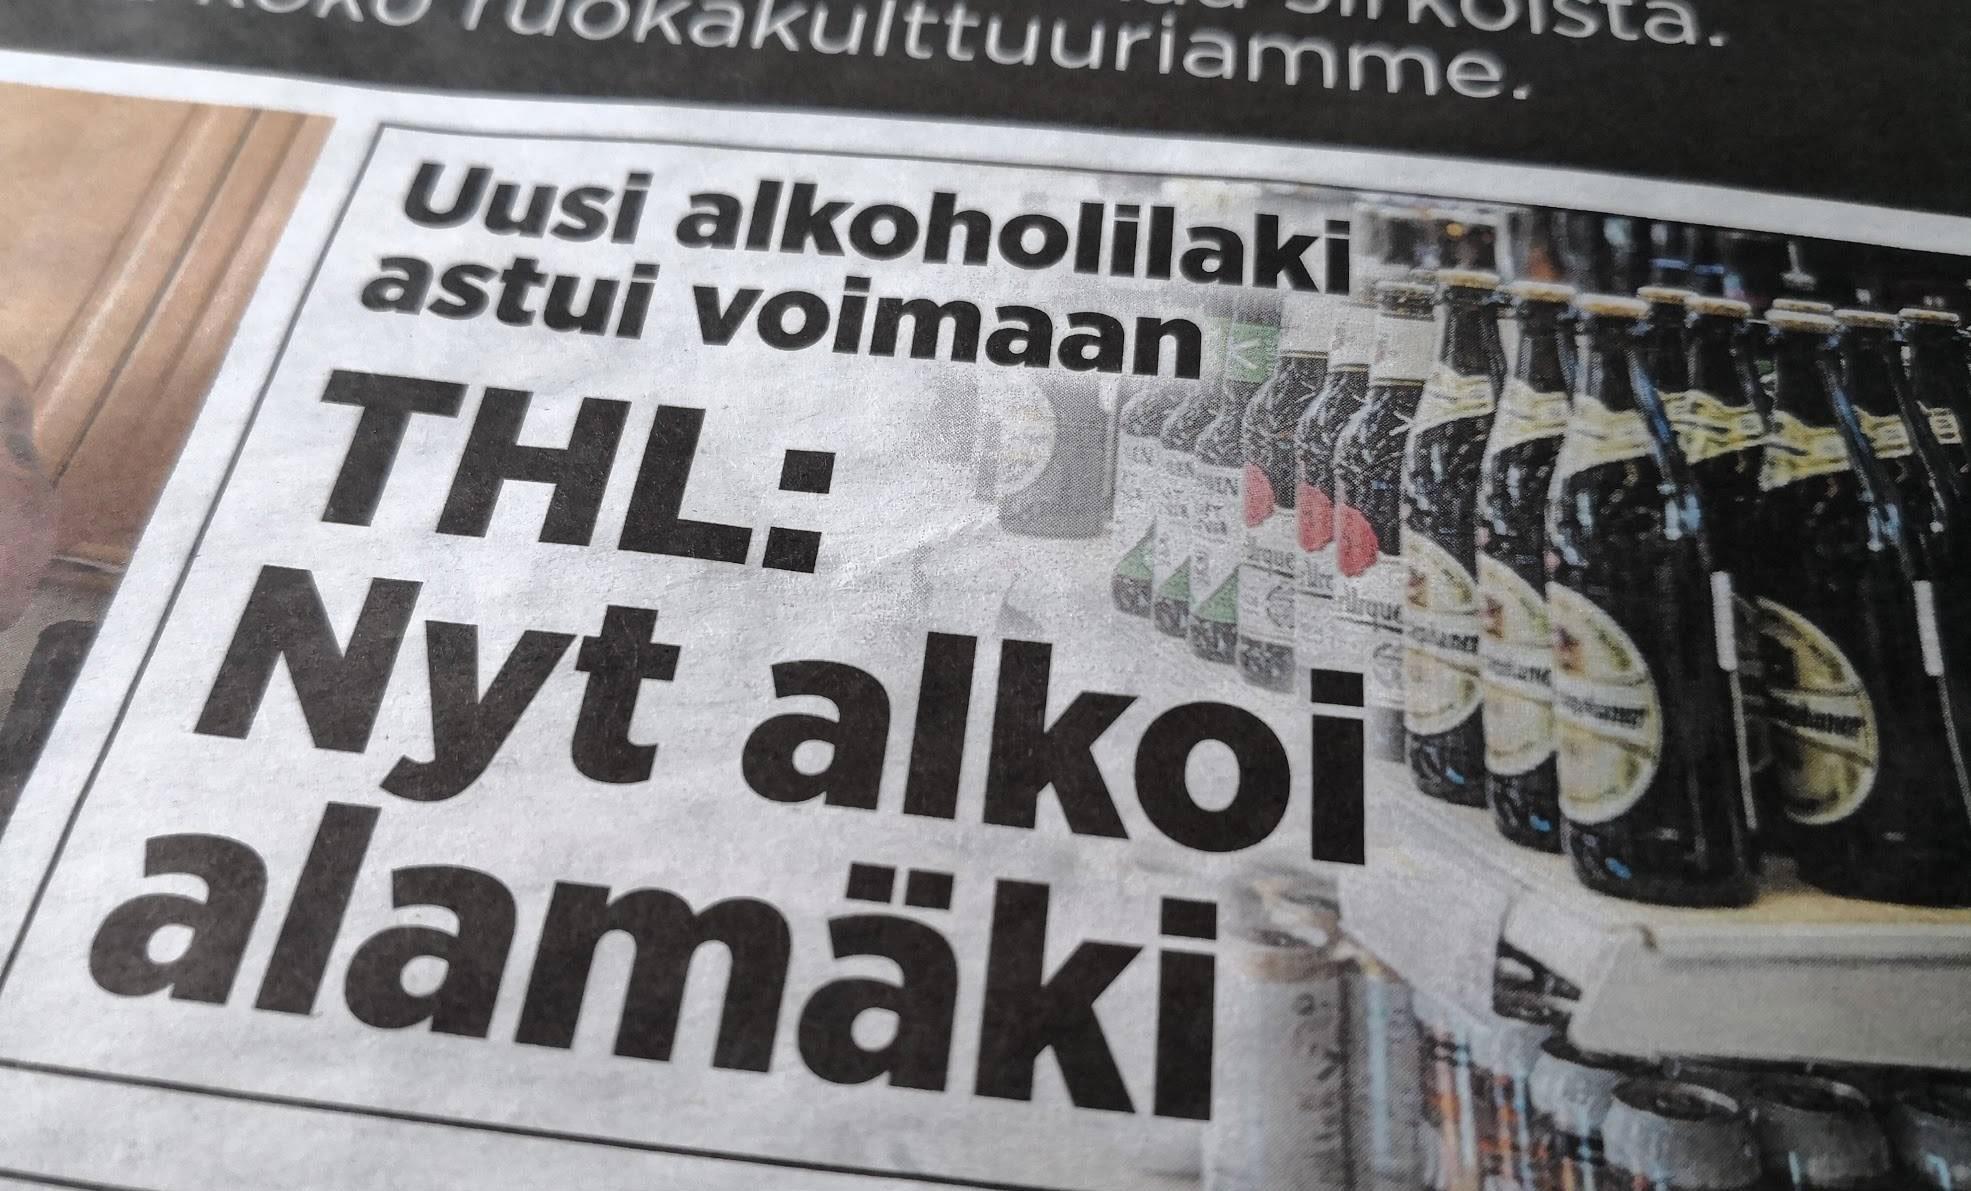 Alkoholilaki 2018